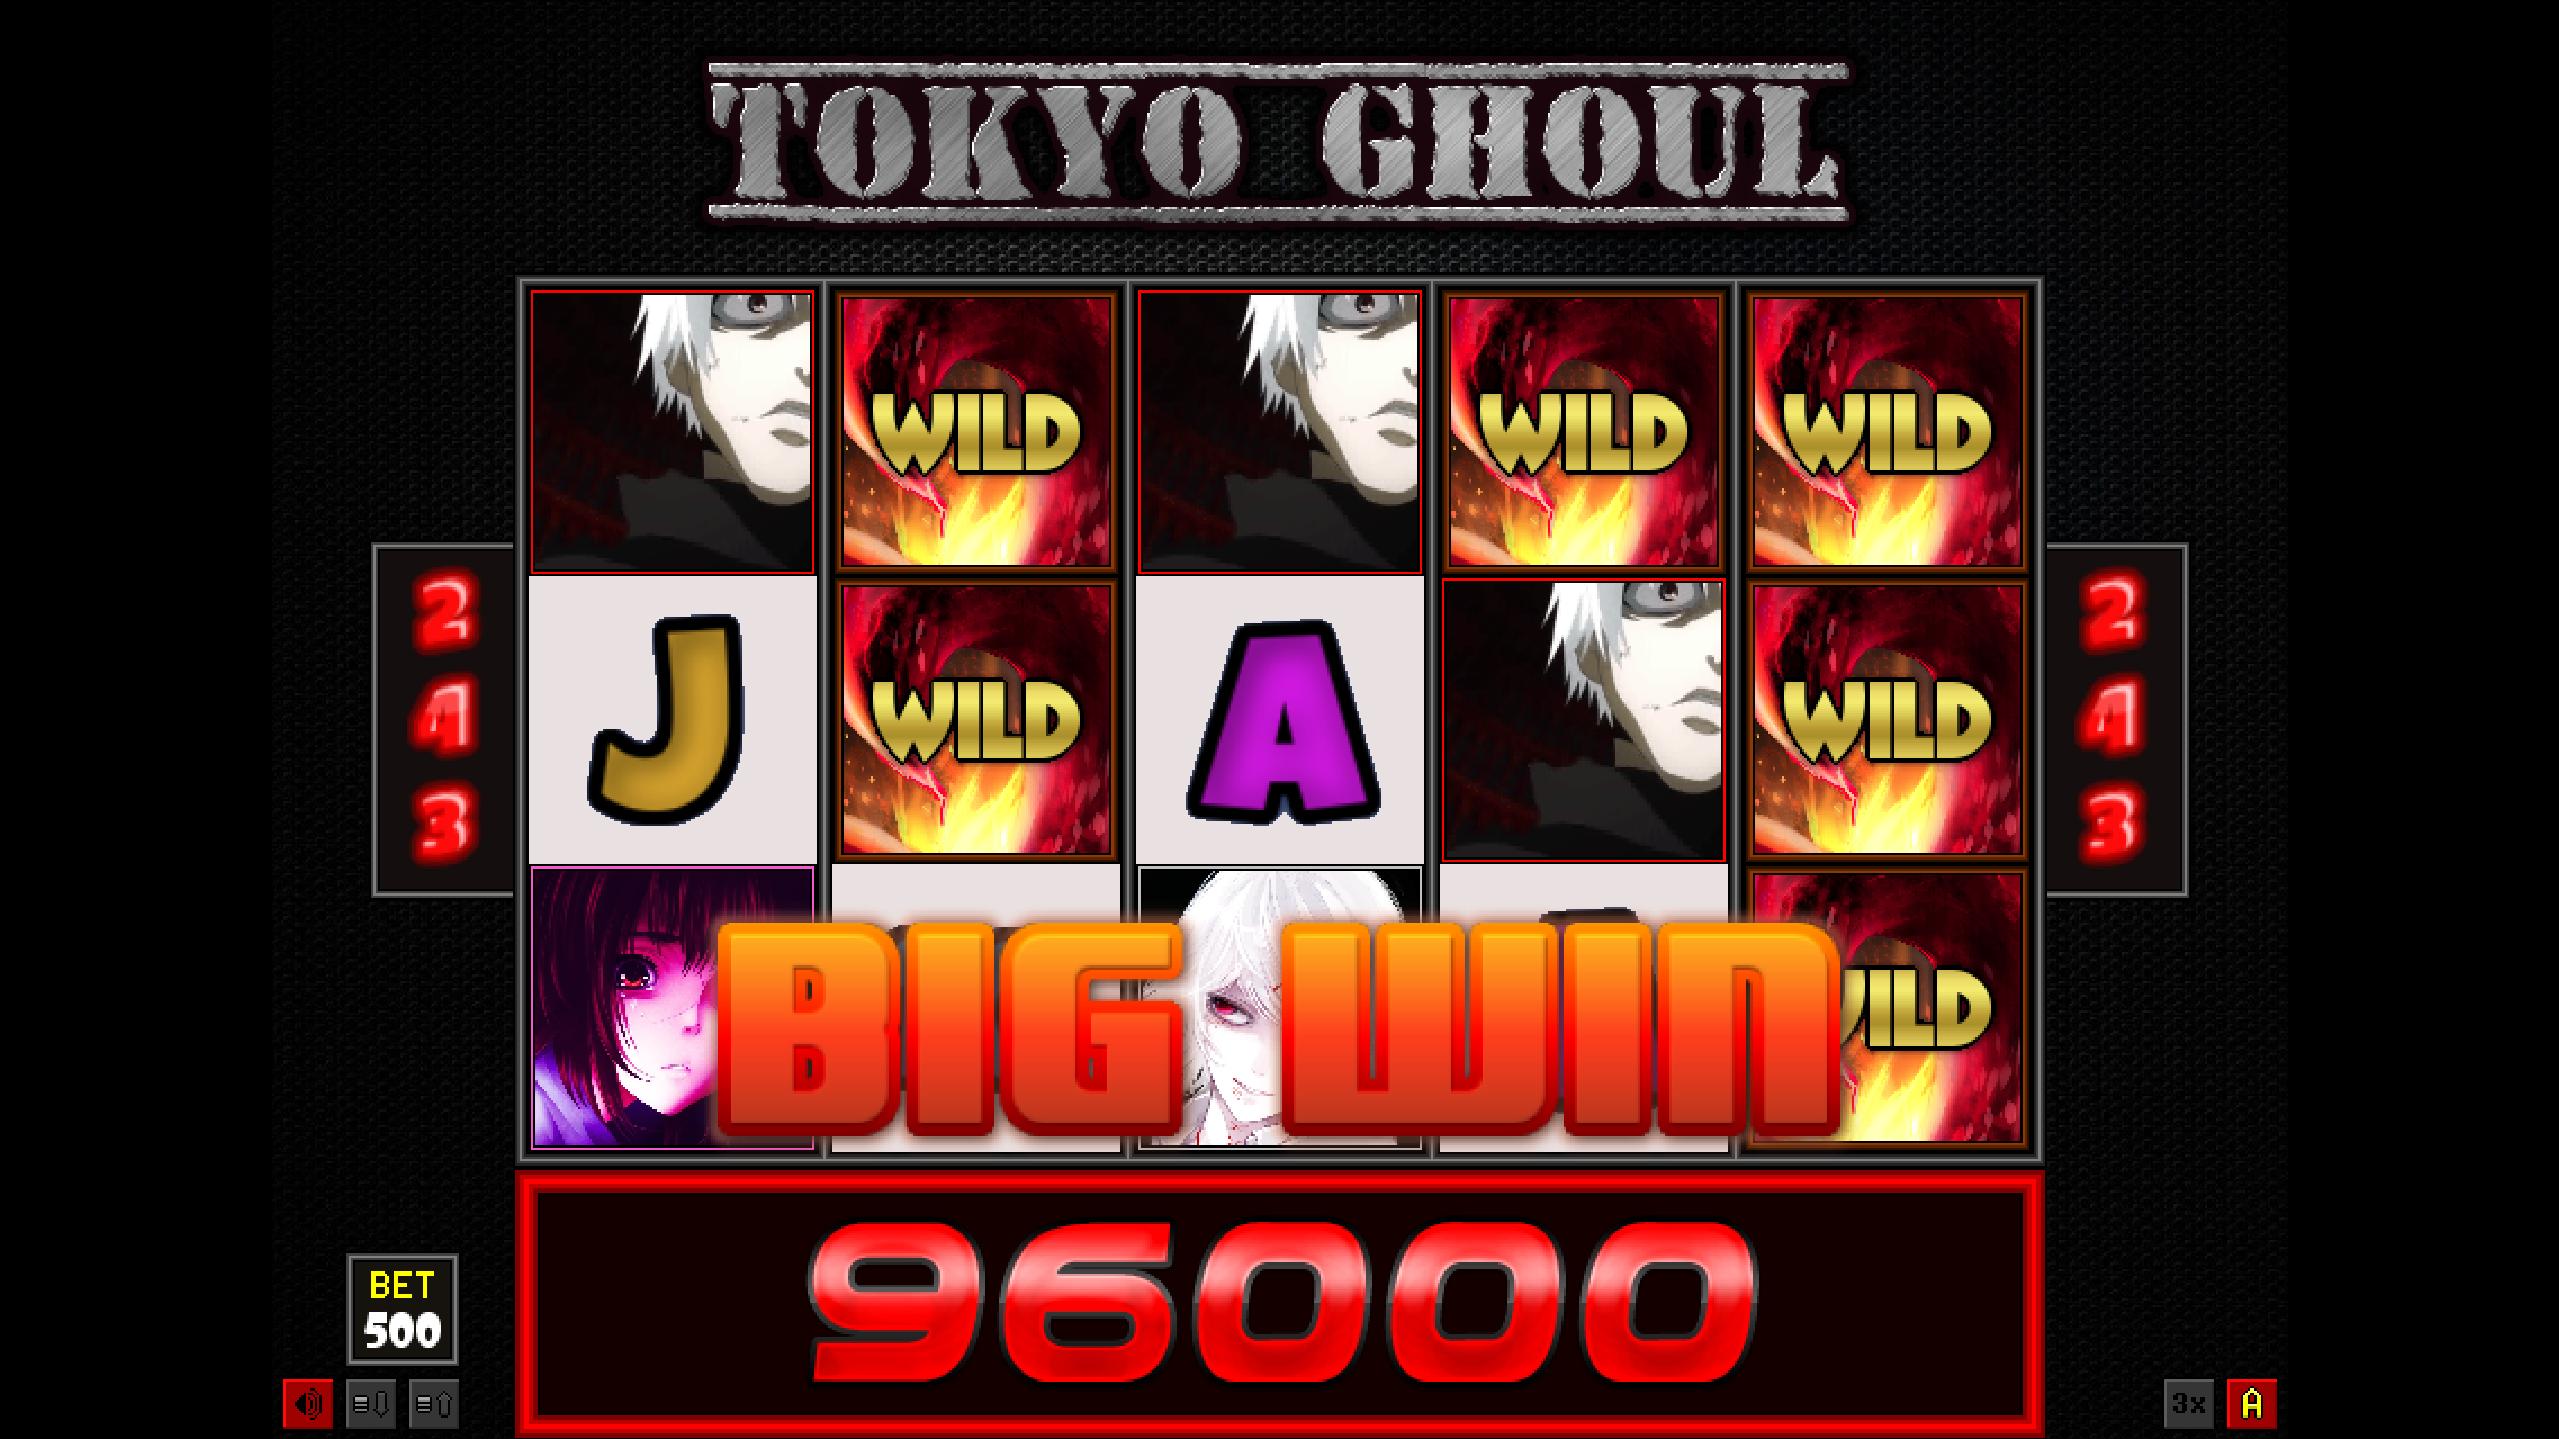 [Image: ezpz_big_win_tokyo_ghoul.png]